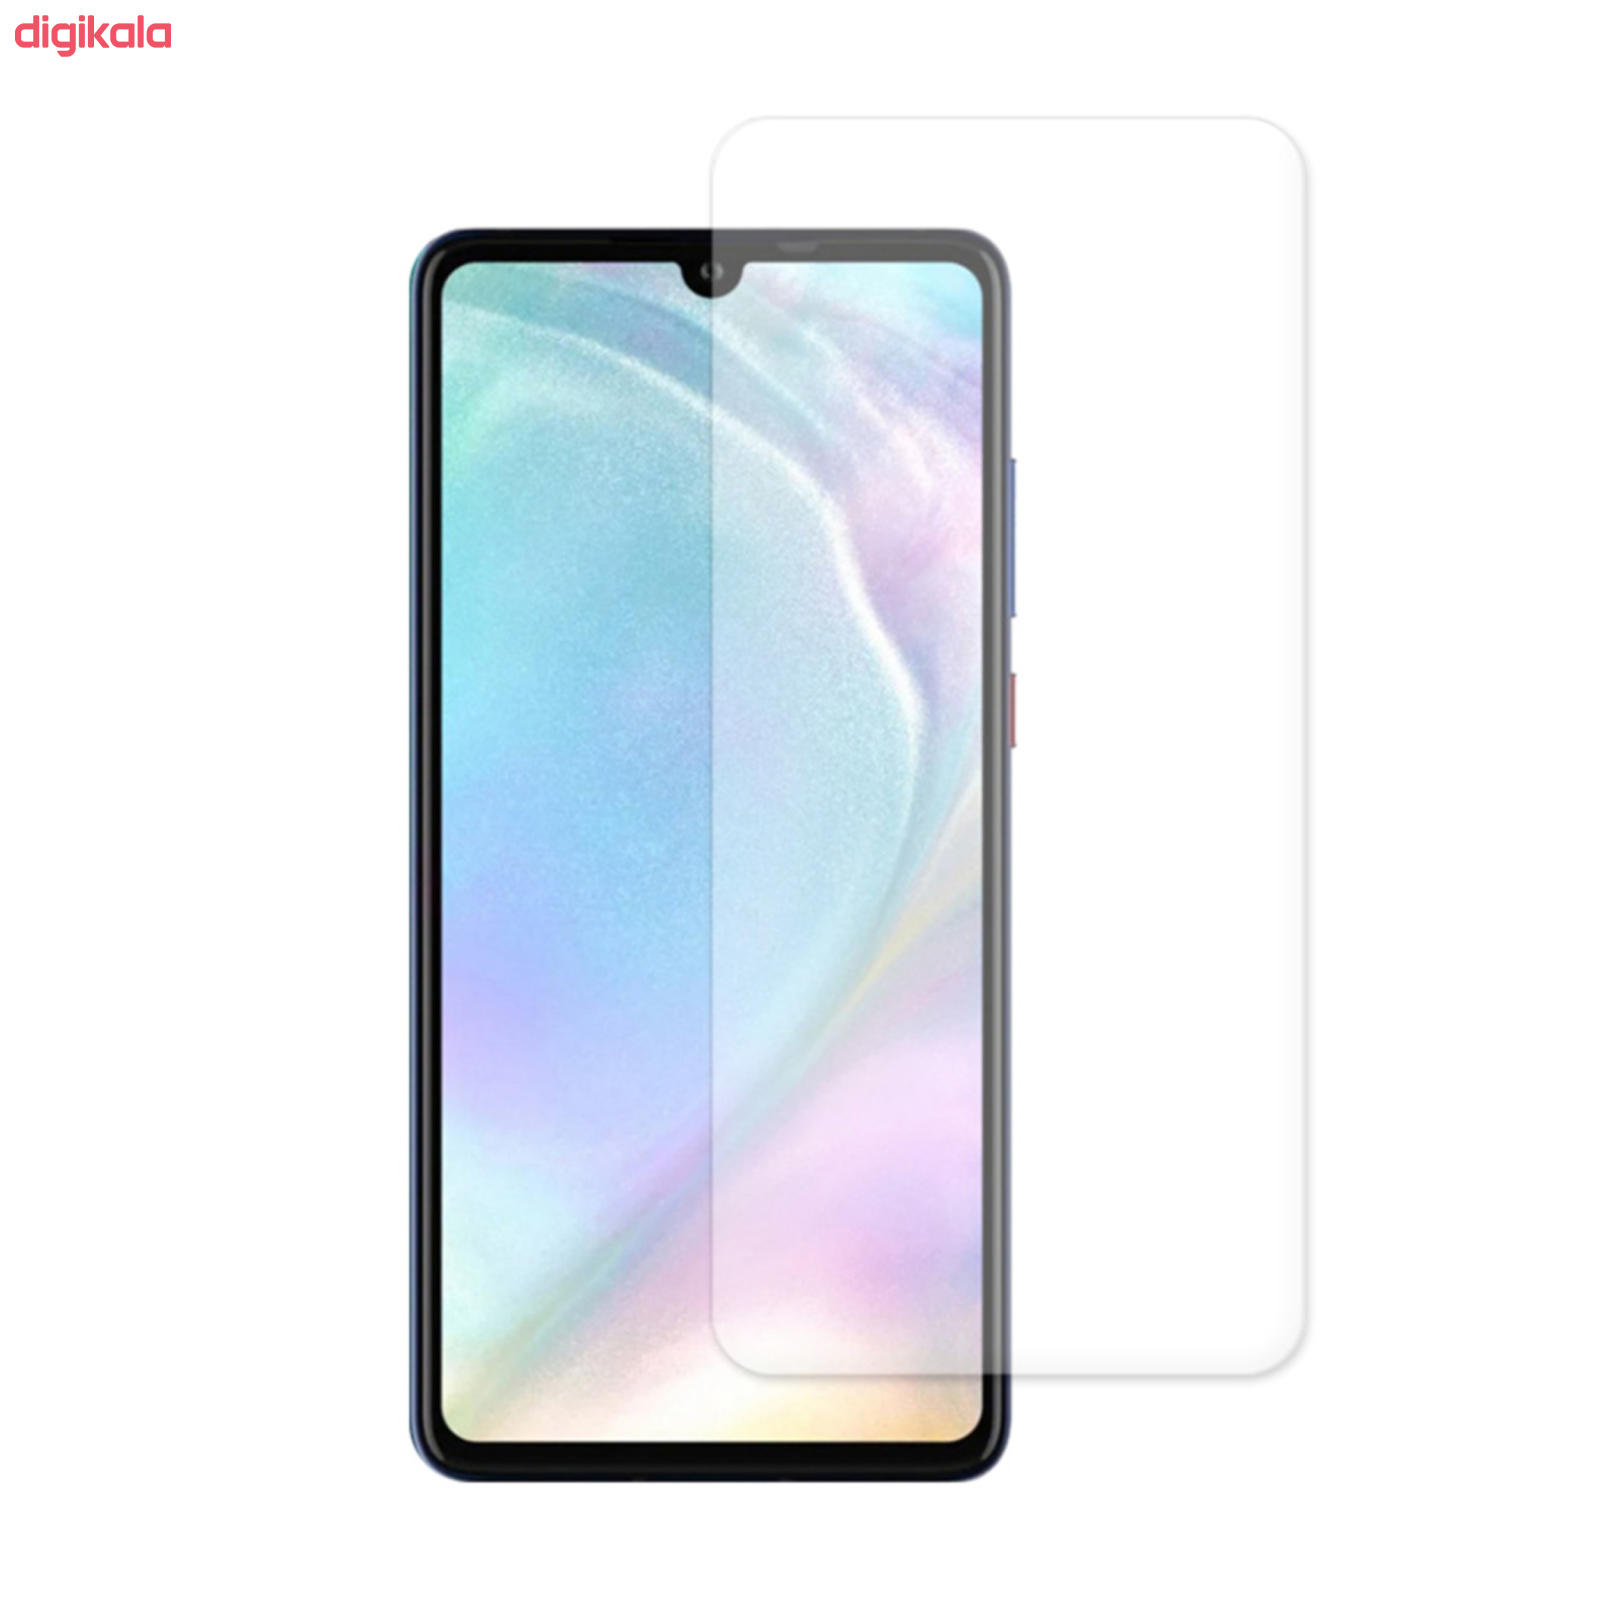 محافظ صفحه نمایش مدل UP01 مناسب برای گوشی موبایل سامسونگ Galaxy A70 main 1 1